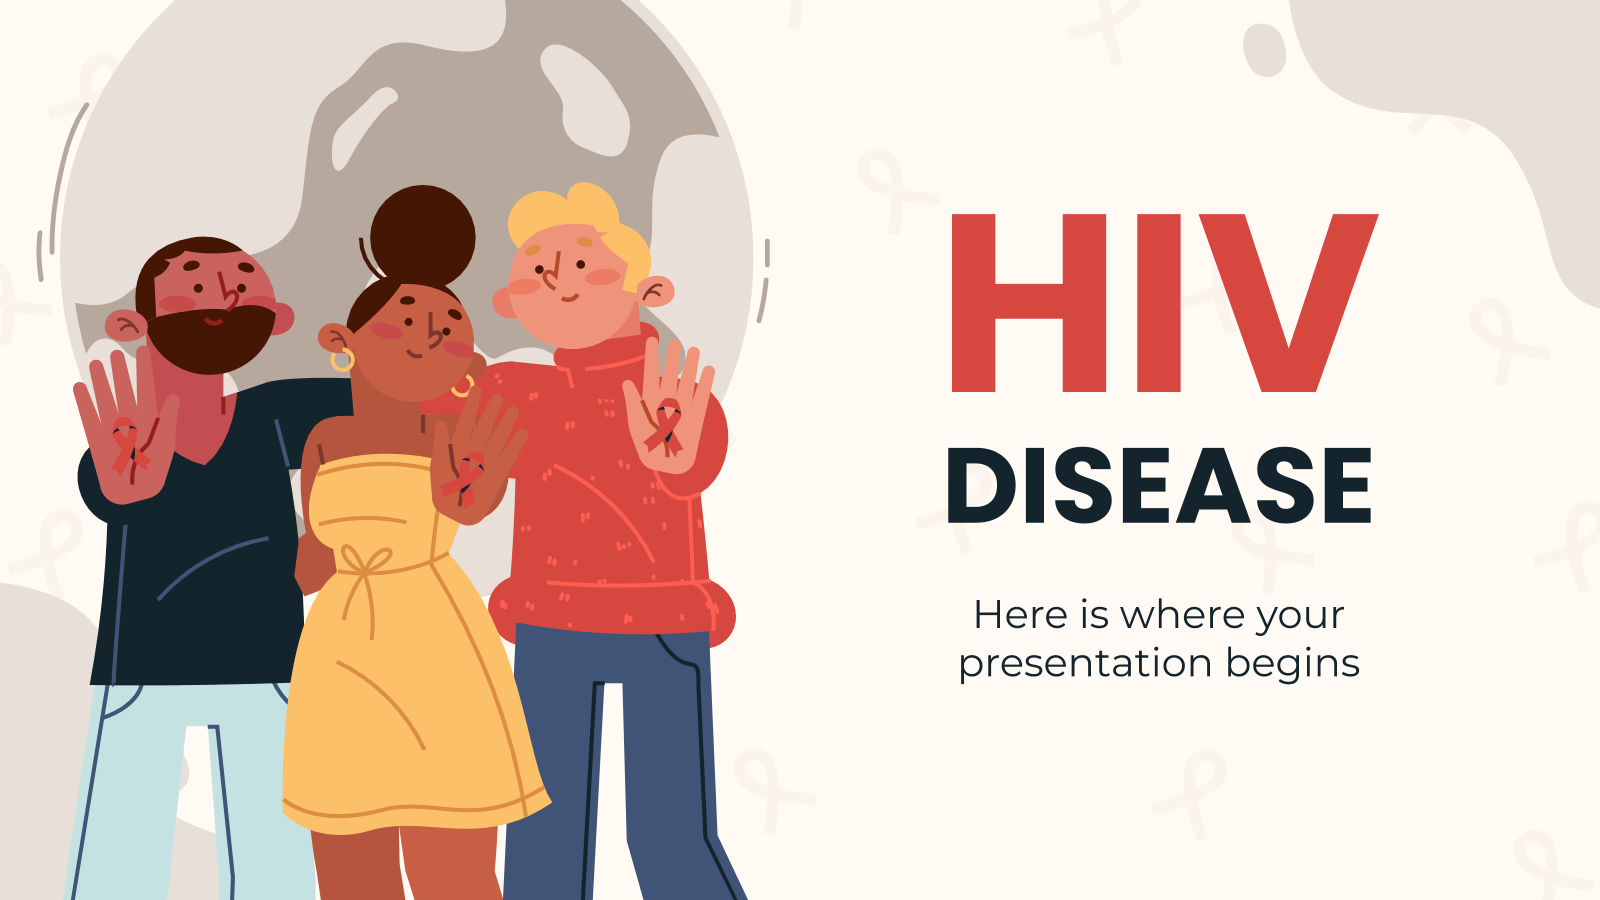 La maladie du VIH : Modèles de présentation